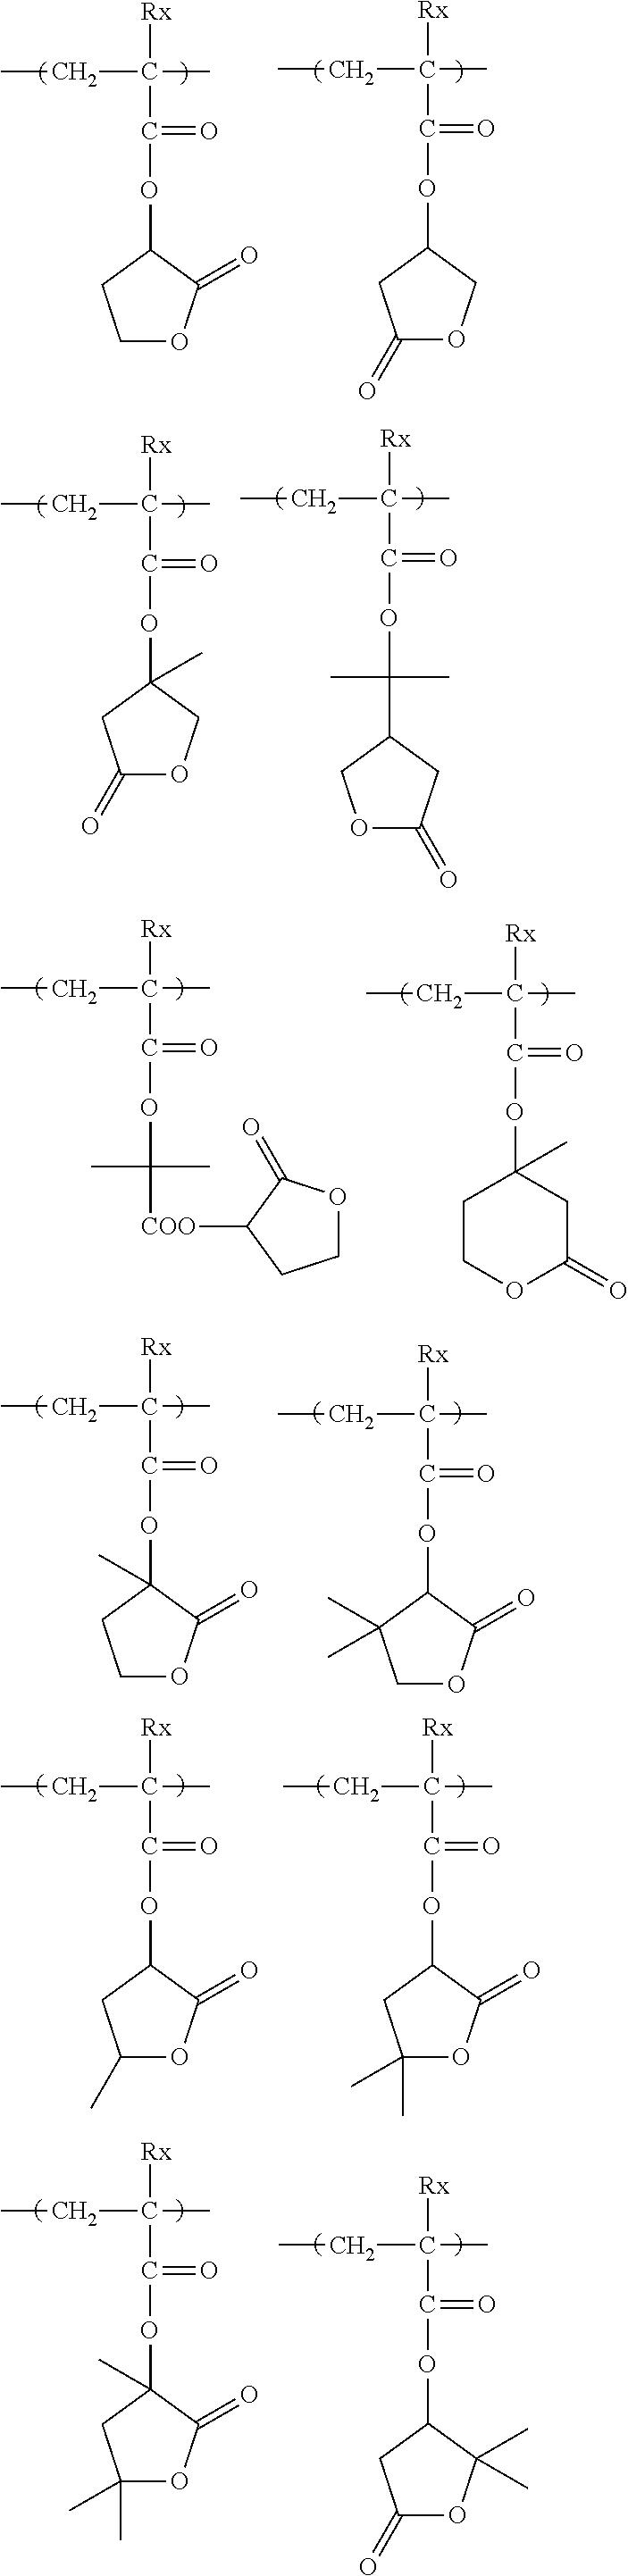 Figure US20110183258A1-20110728-C00043